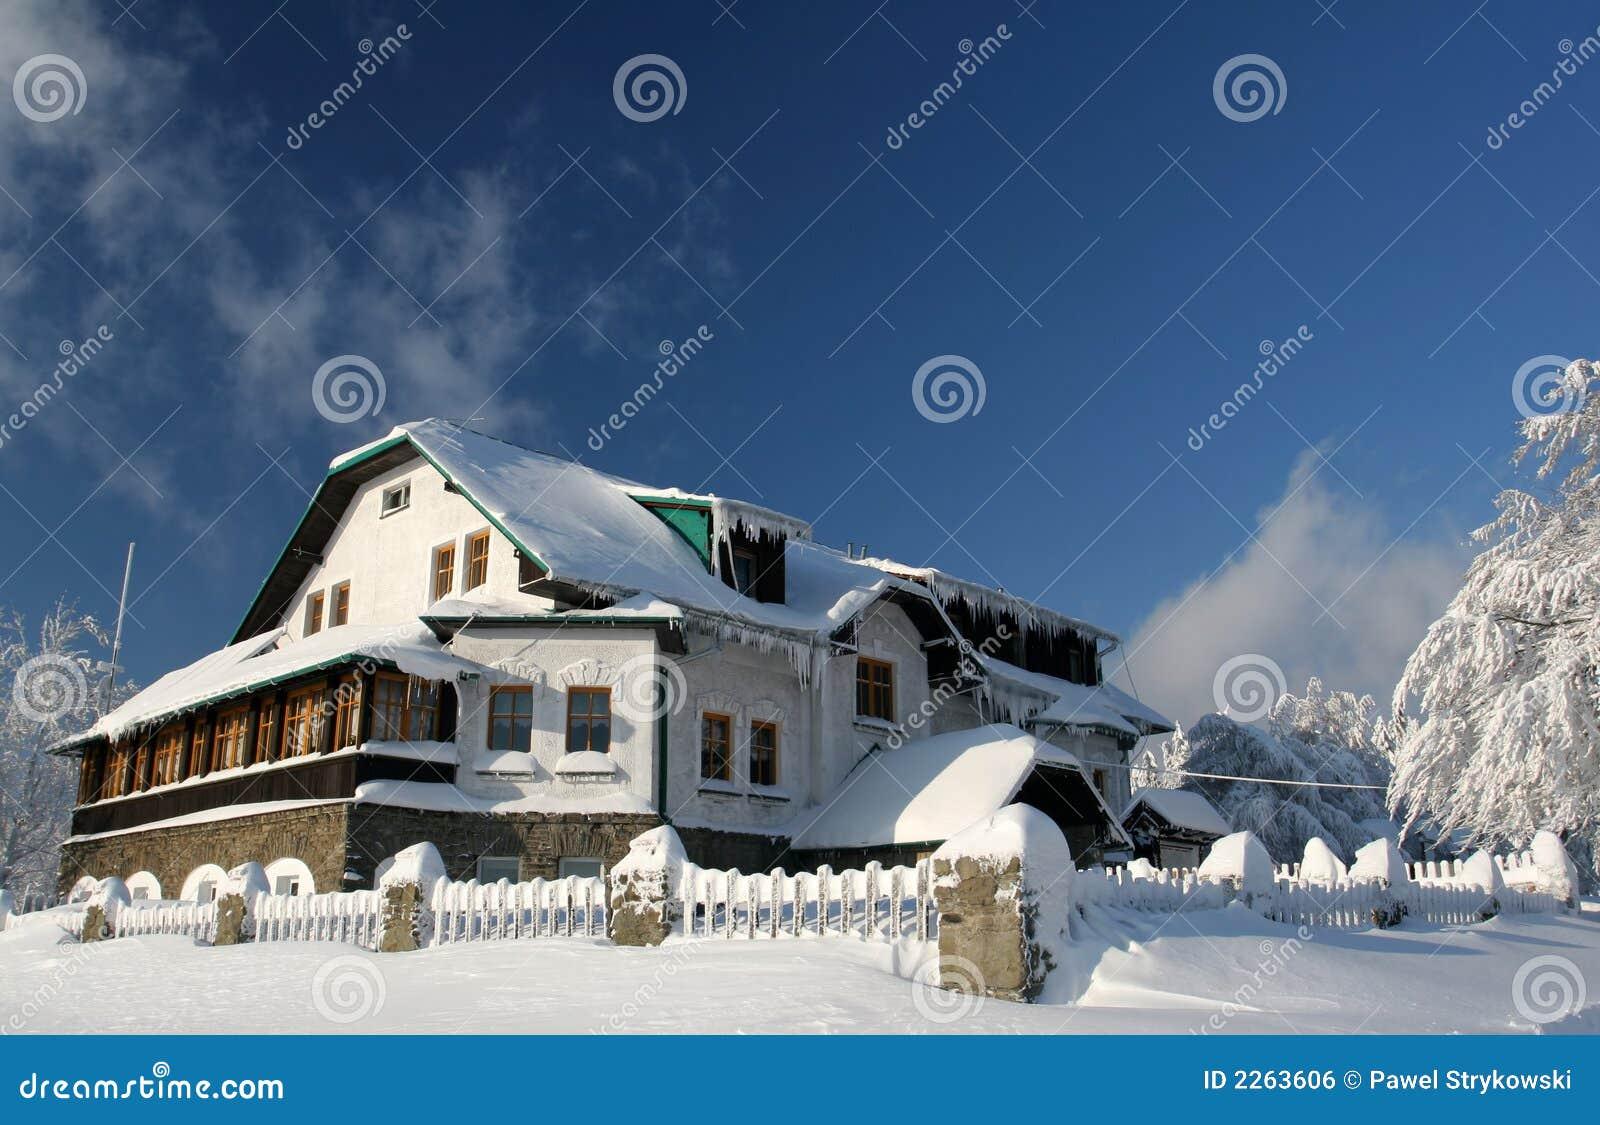 Chalet hut